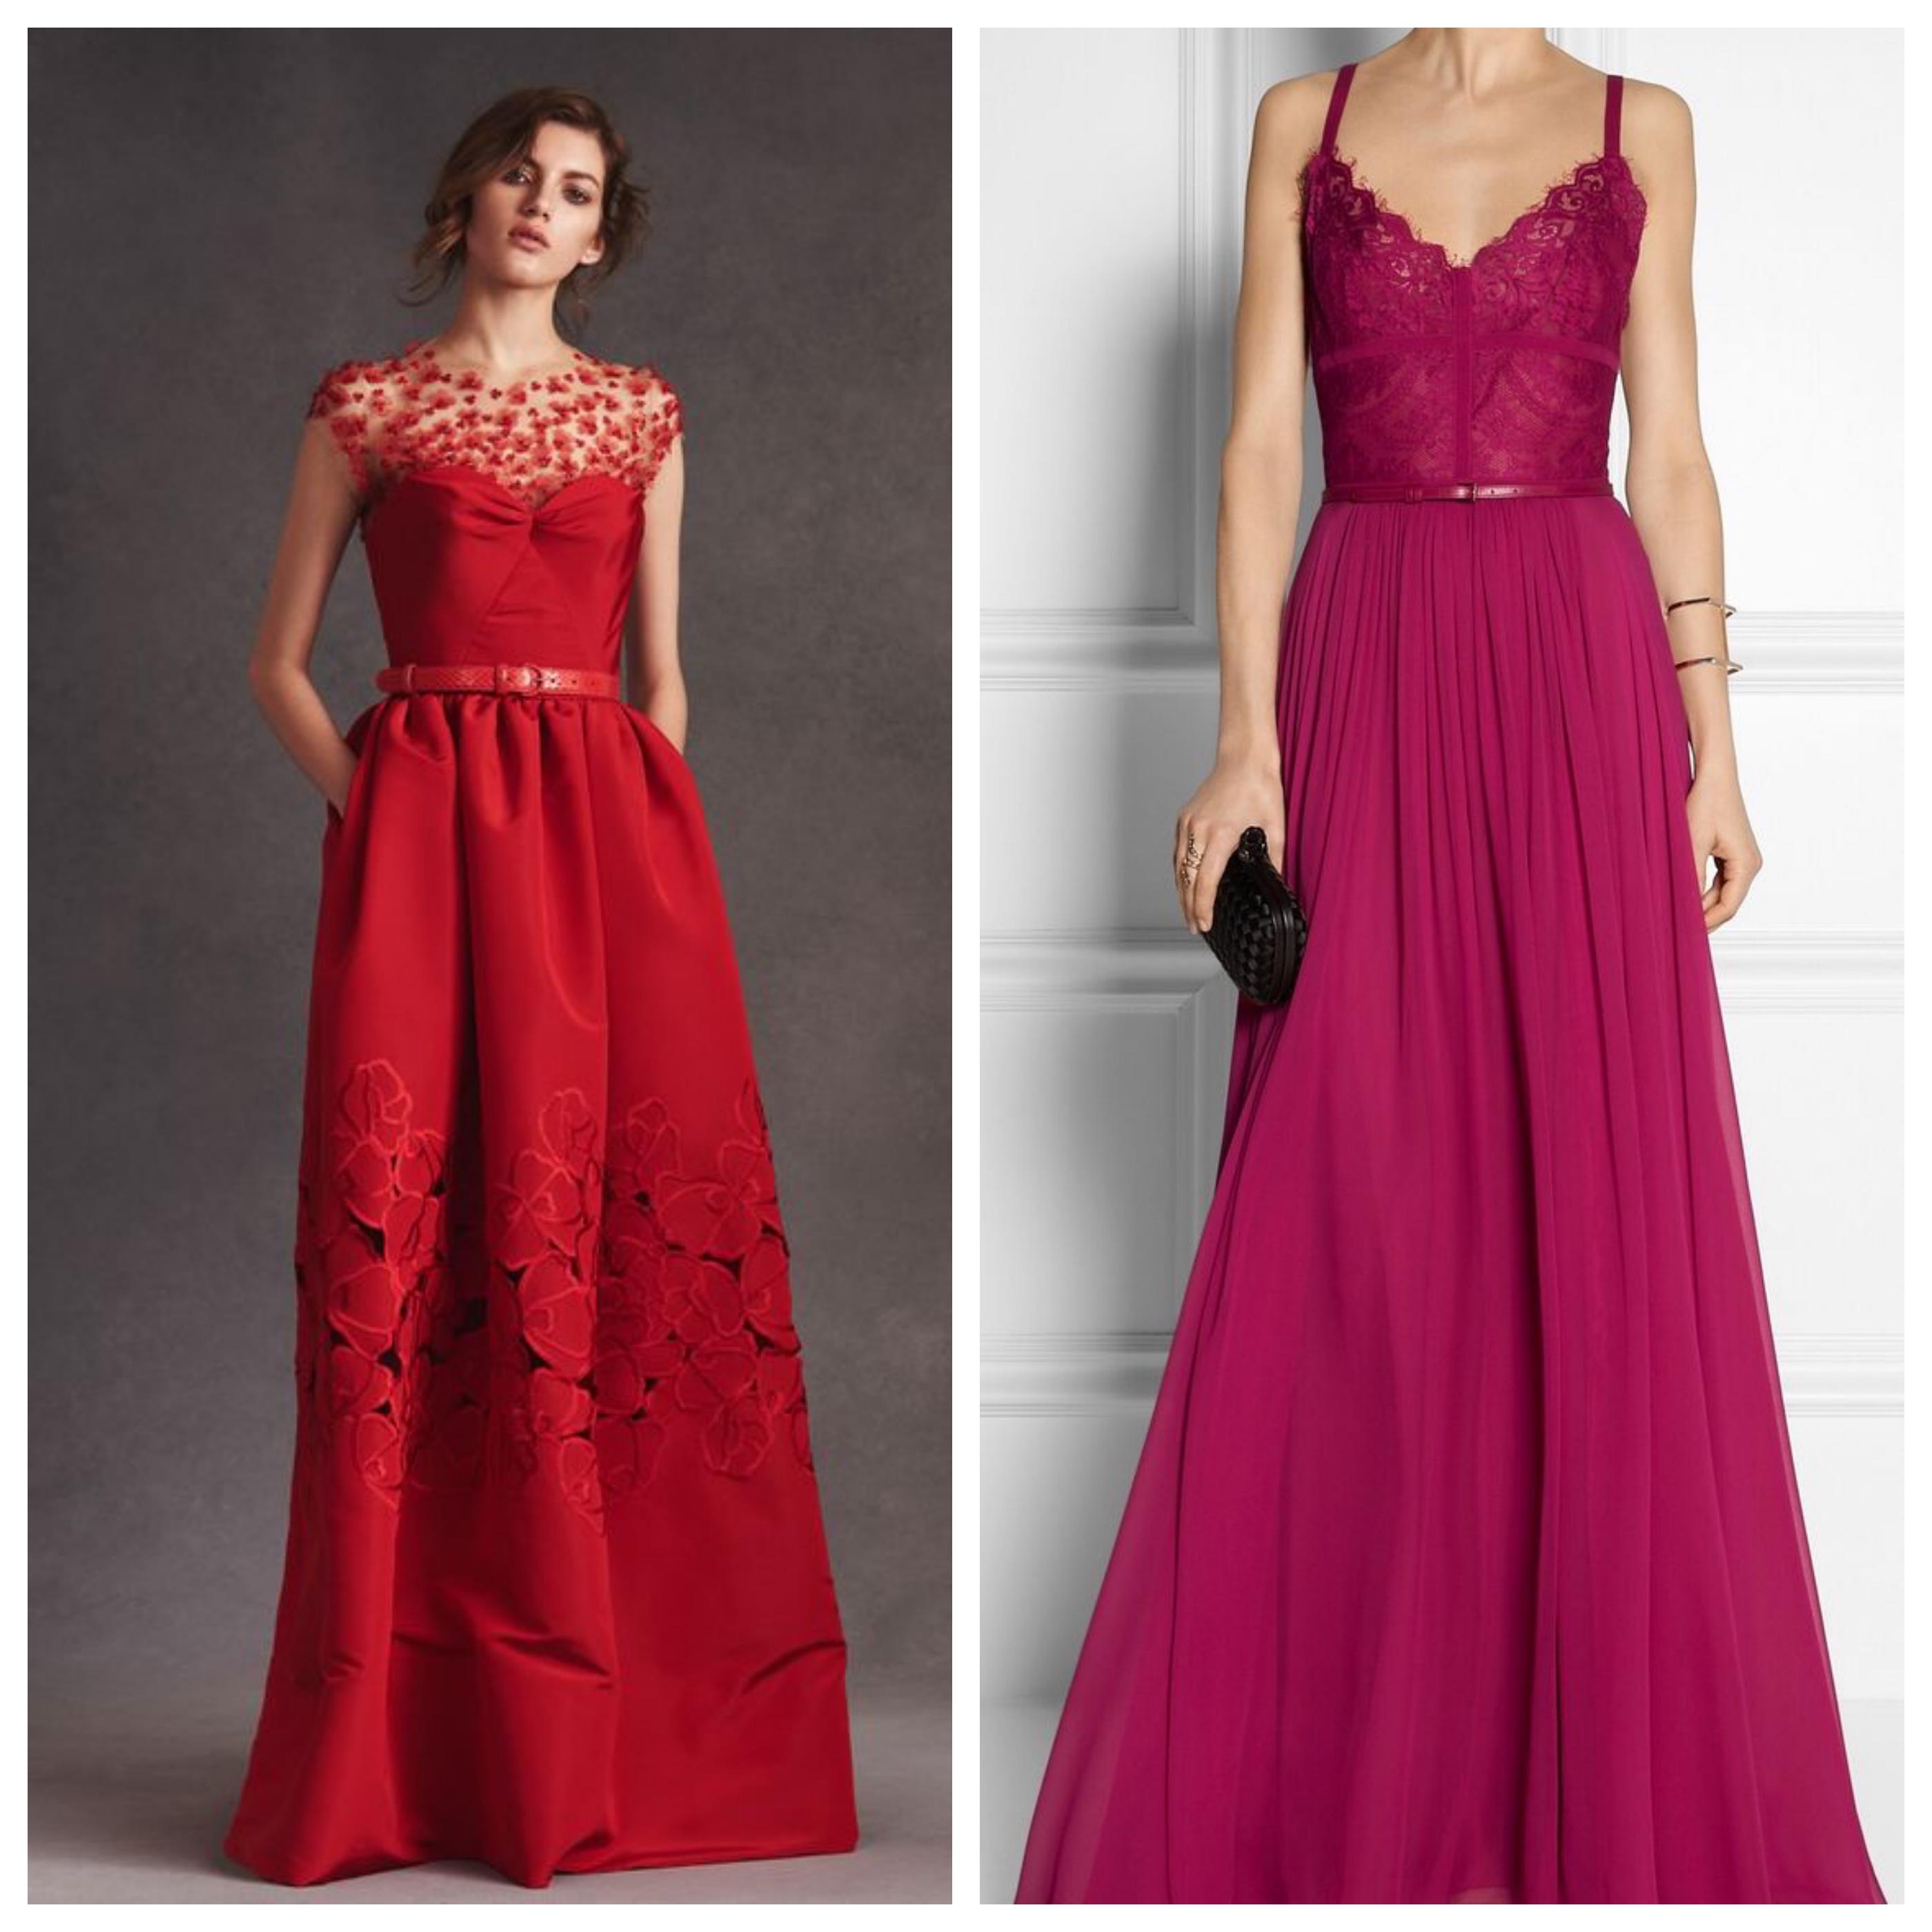 Цвета вечернего платья на выпускной вечер - красный